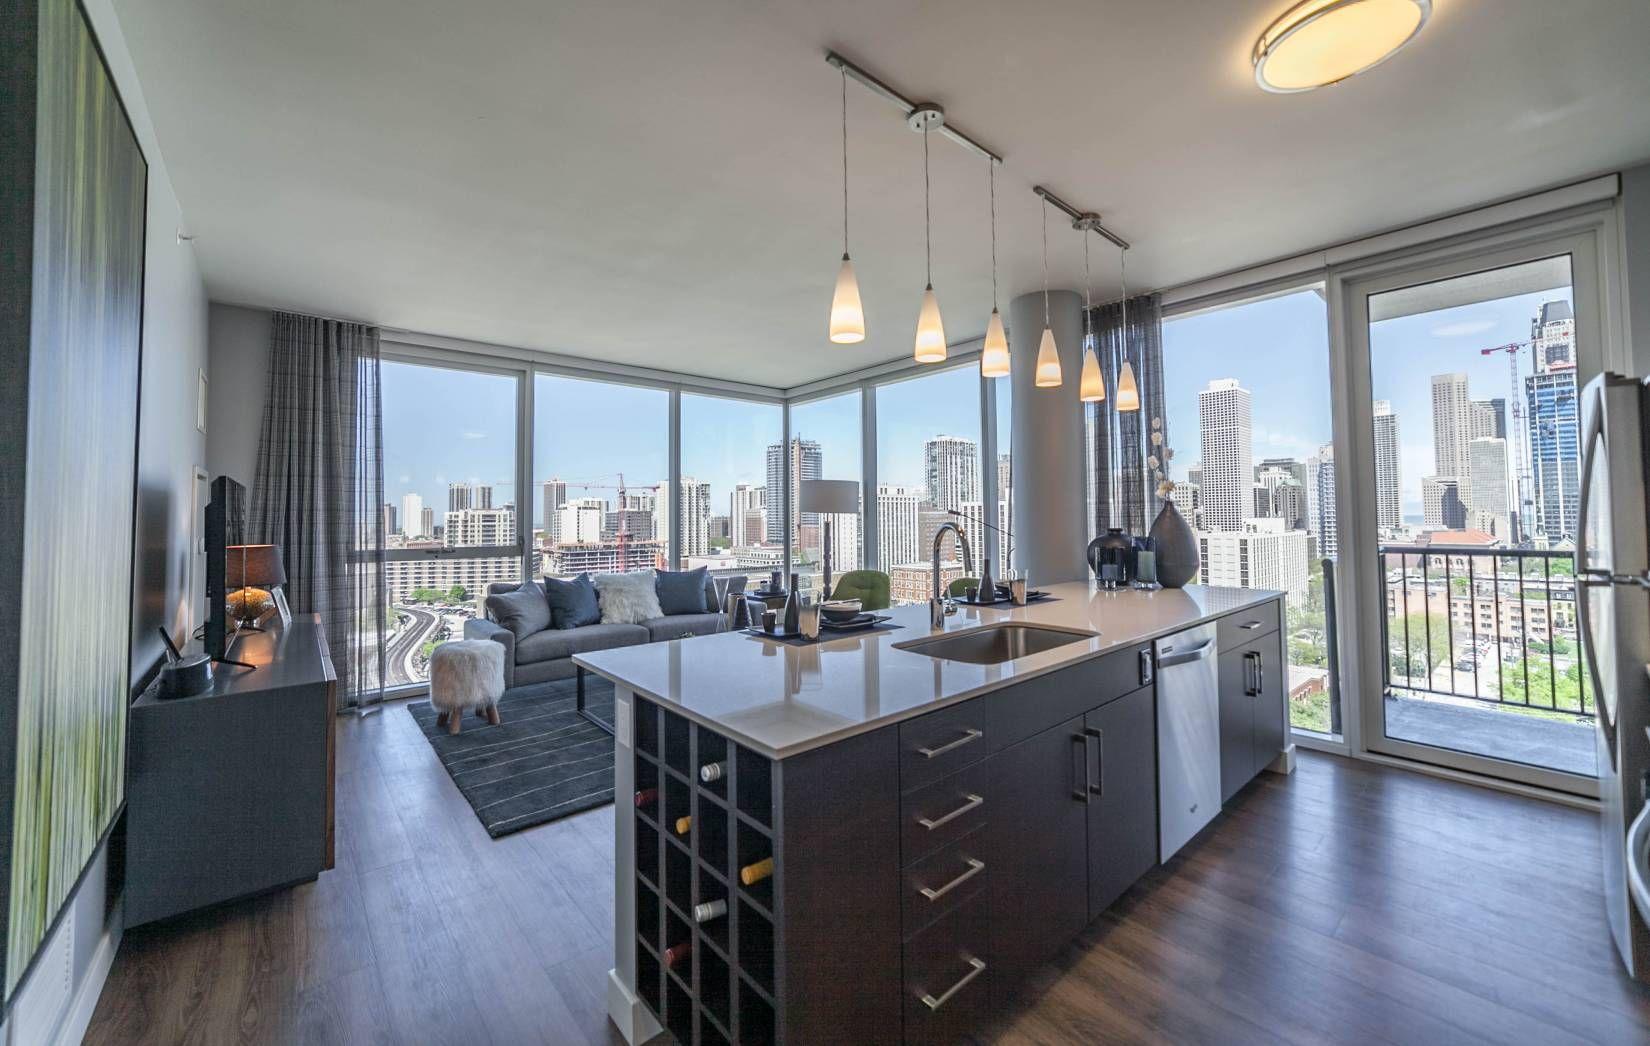 Niche 905 Apartments For Rent Chicago Luxury Apartment Interior Design City Apartment Decor Luxury Apartments Interior